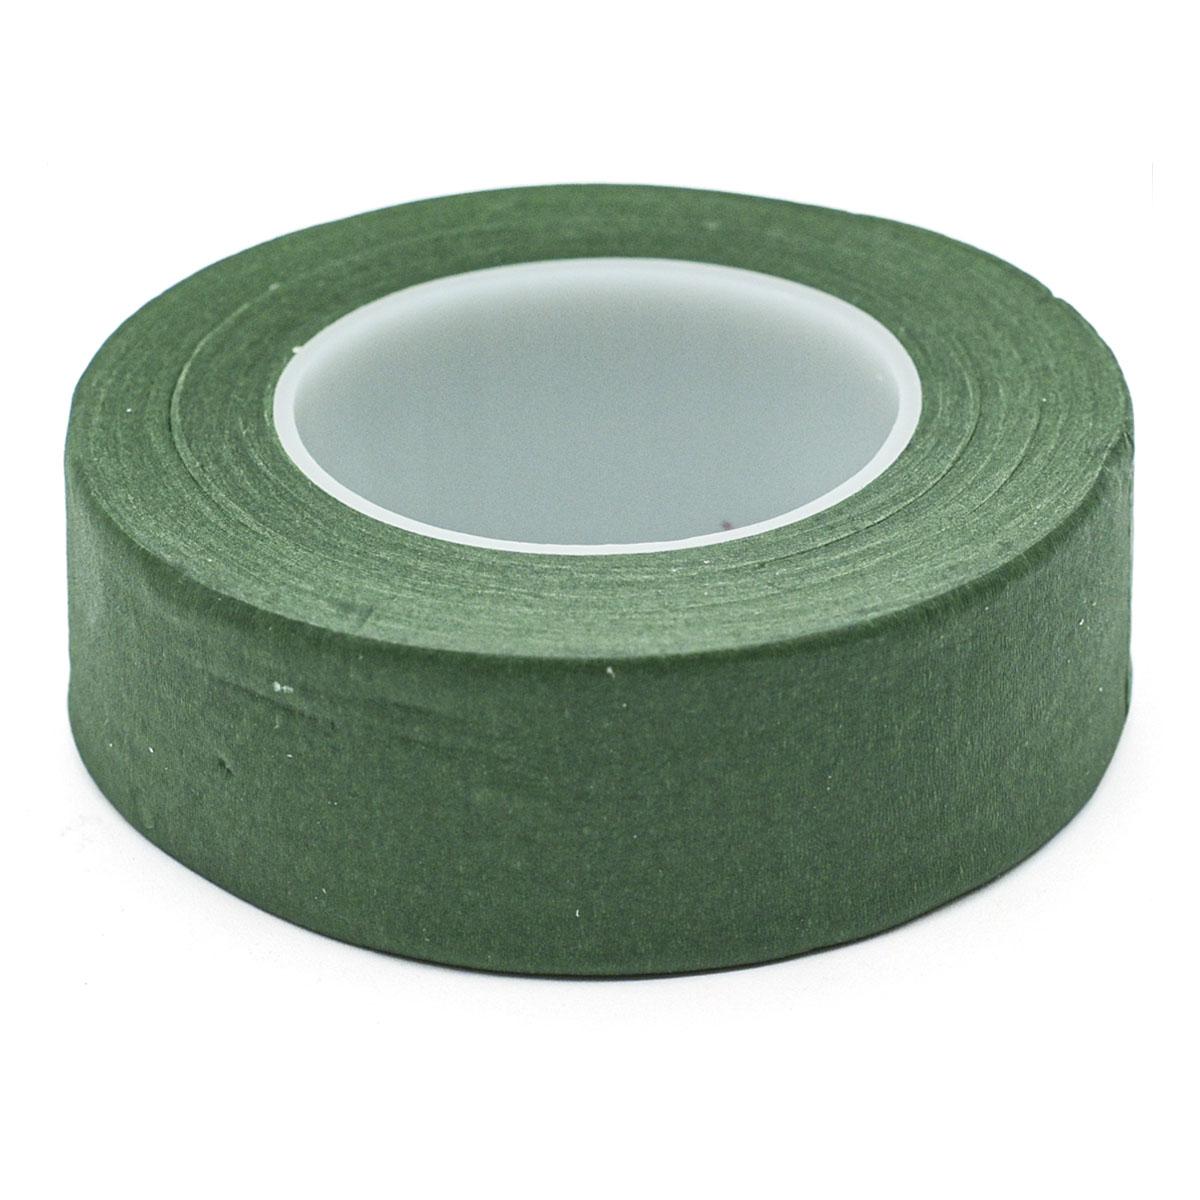 62220302 Флористическая лента ,25,4мм,зеленый,28м Glorex